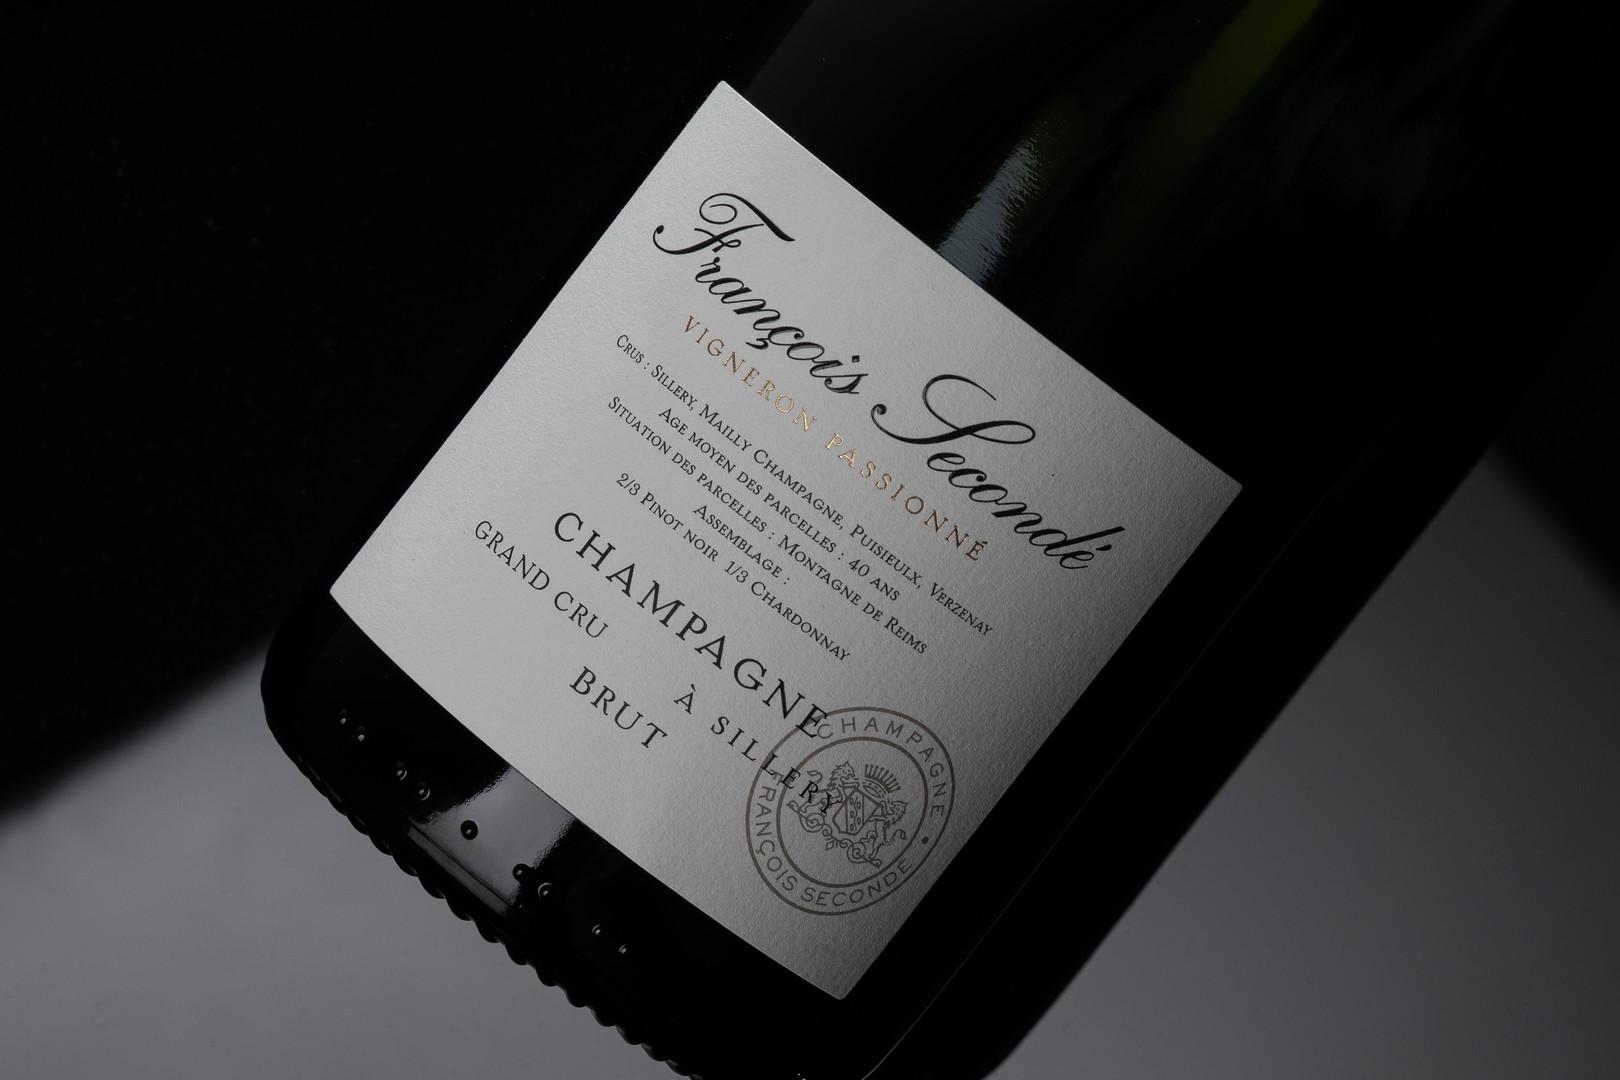 Focus étiquette de Champagne